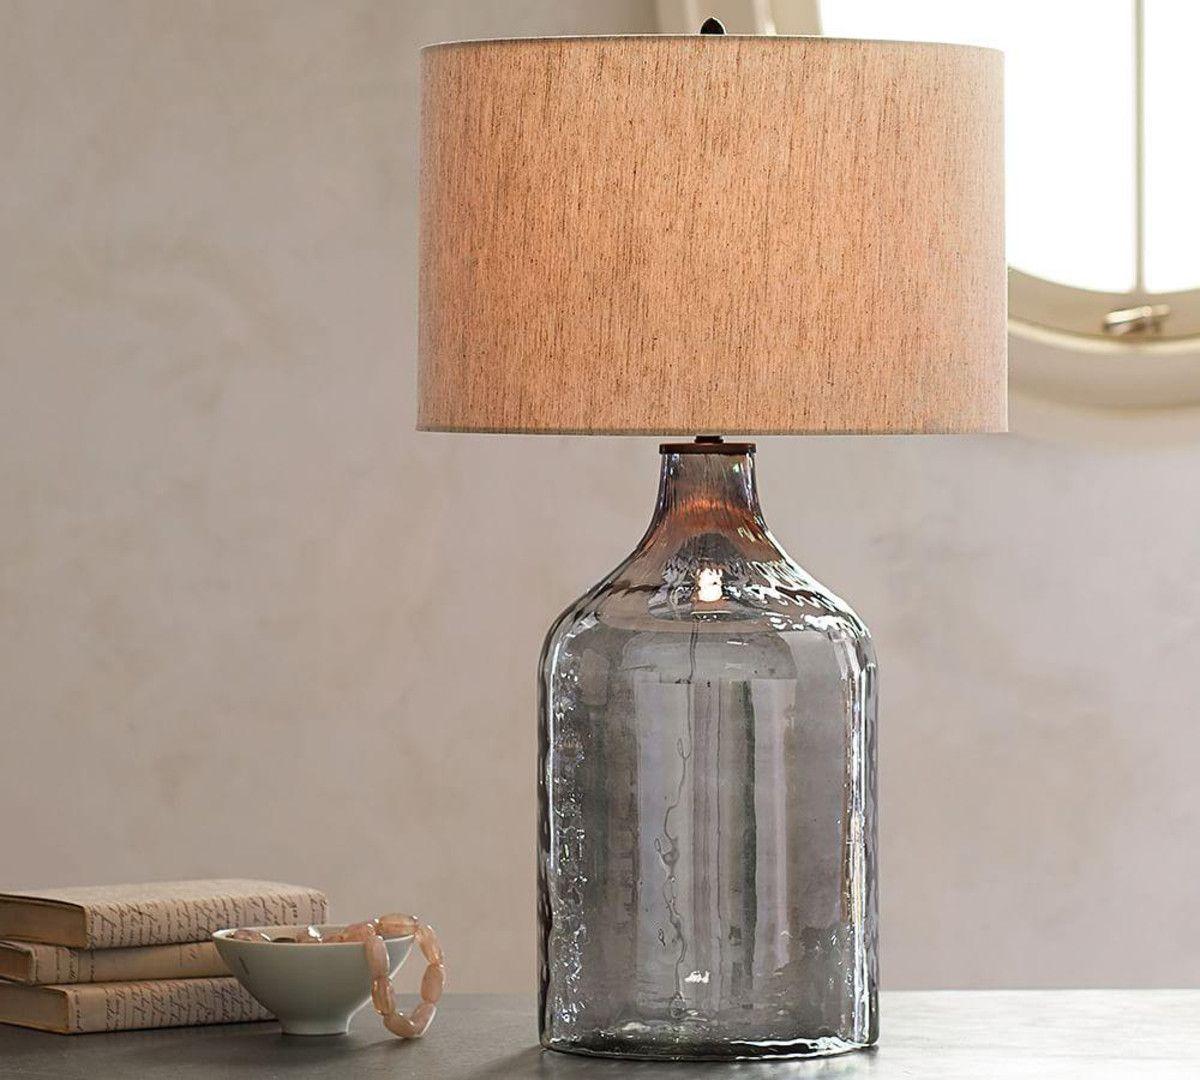 Alana Luster Glass Jug Table Lamp Base Glass Jug Table